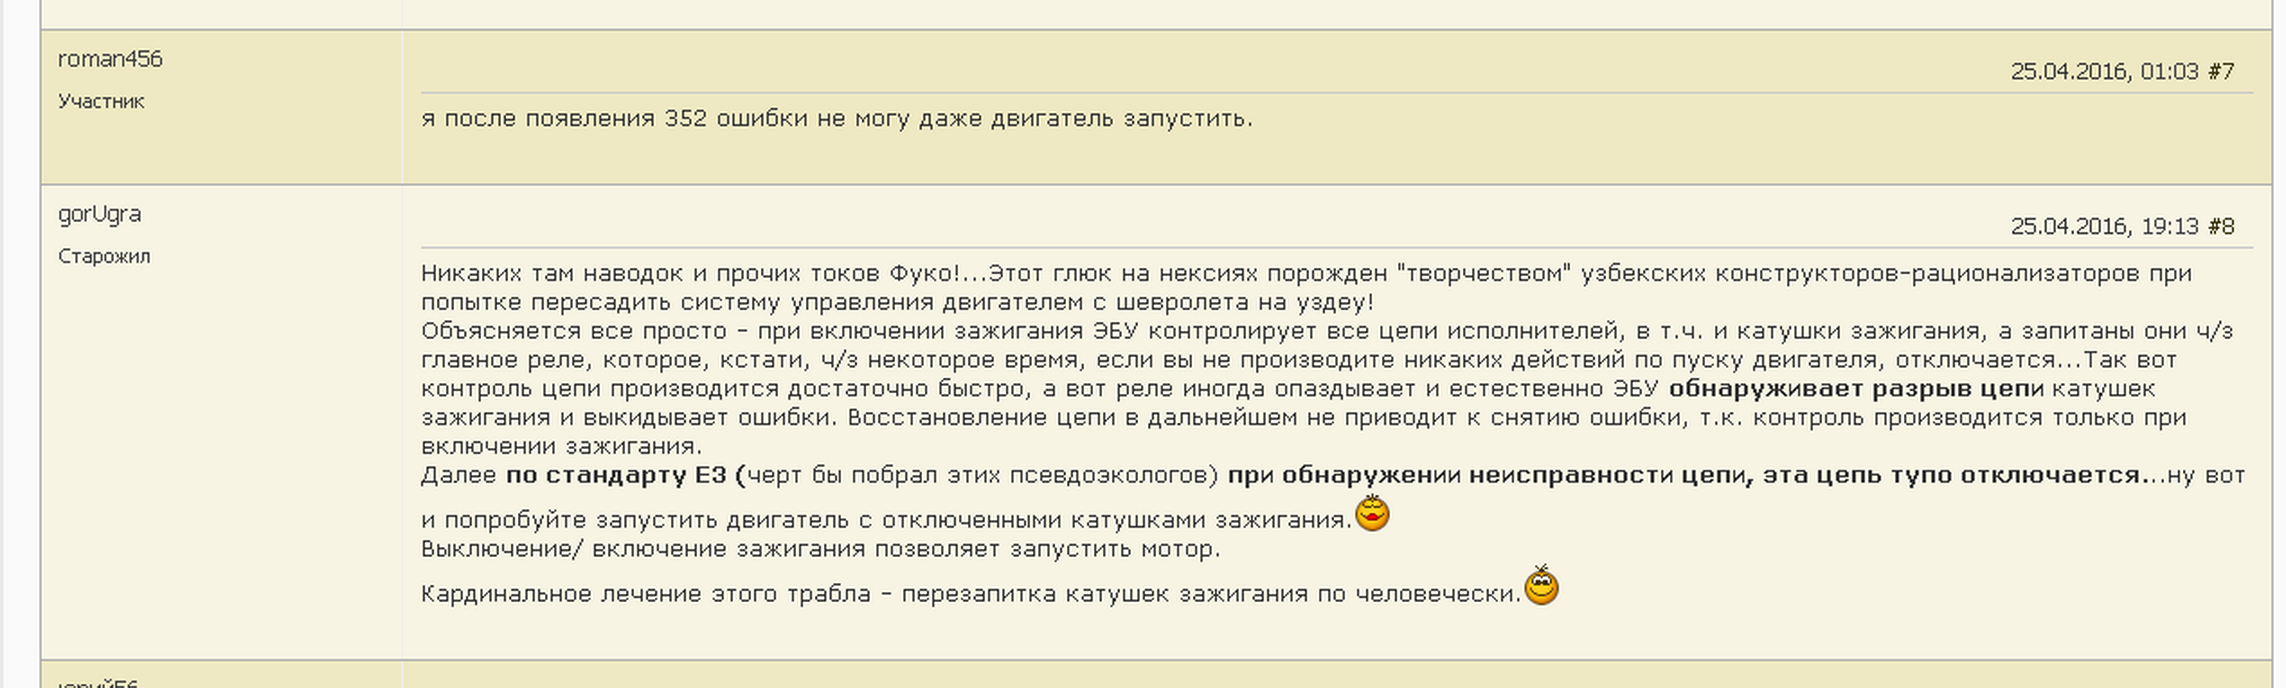 https://img-fotki.yandex.ru/get/57551/137528123.38/0_19fe16_3ff7c870_orig